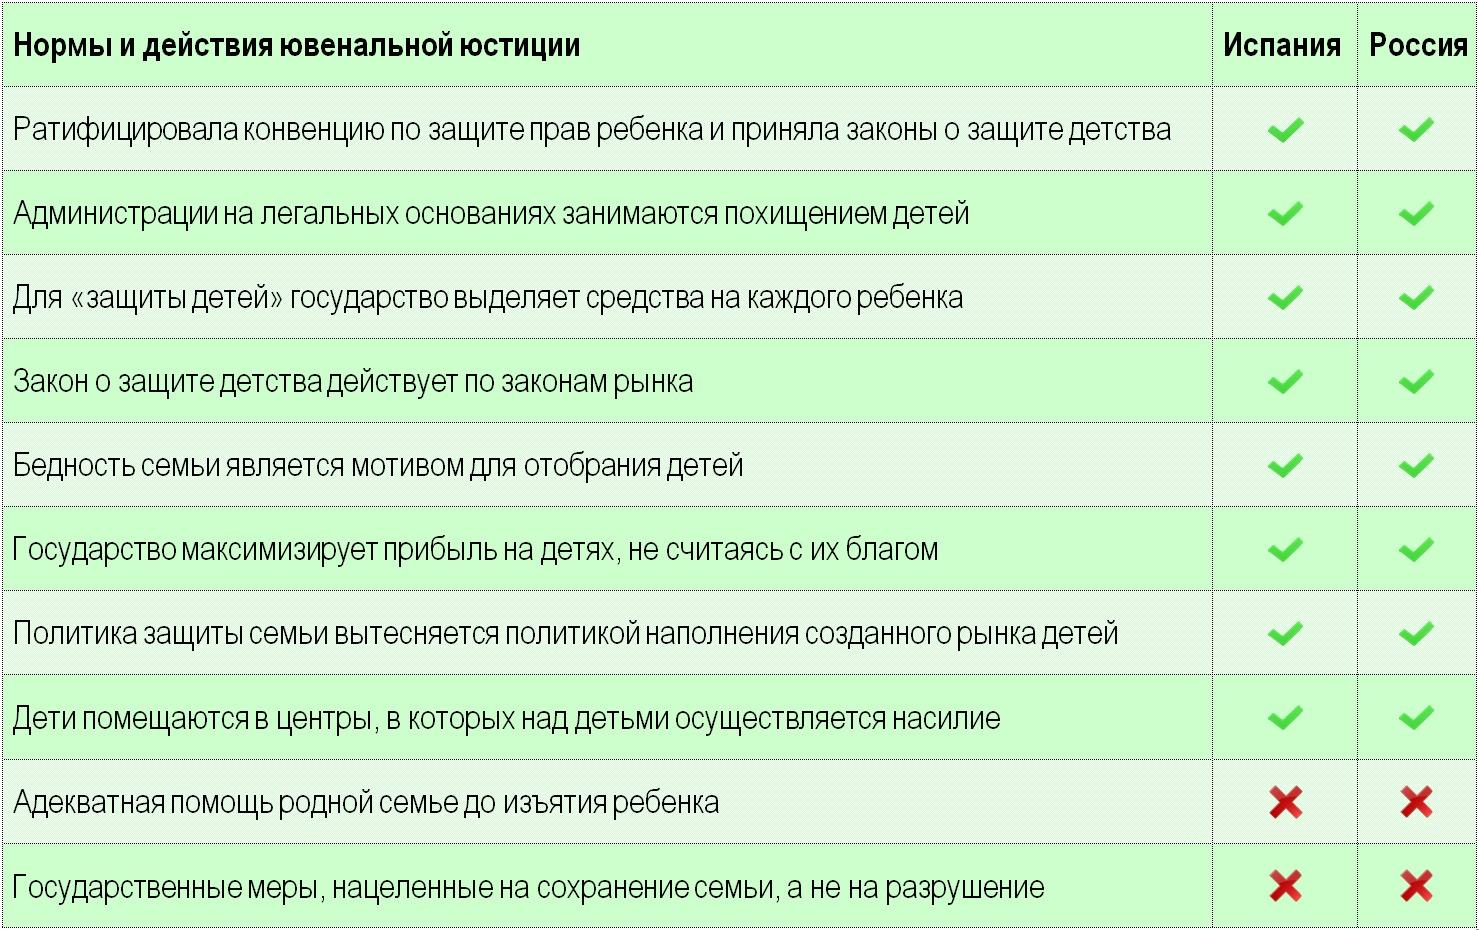 Ювенальная юстиция Испании и России сравнение